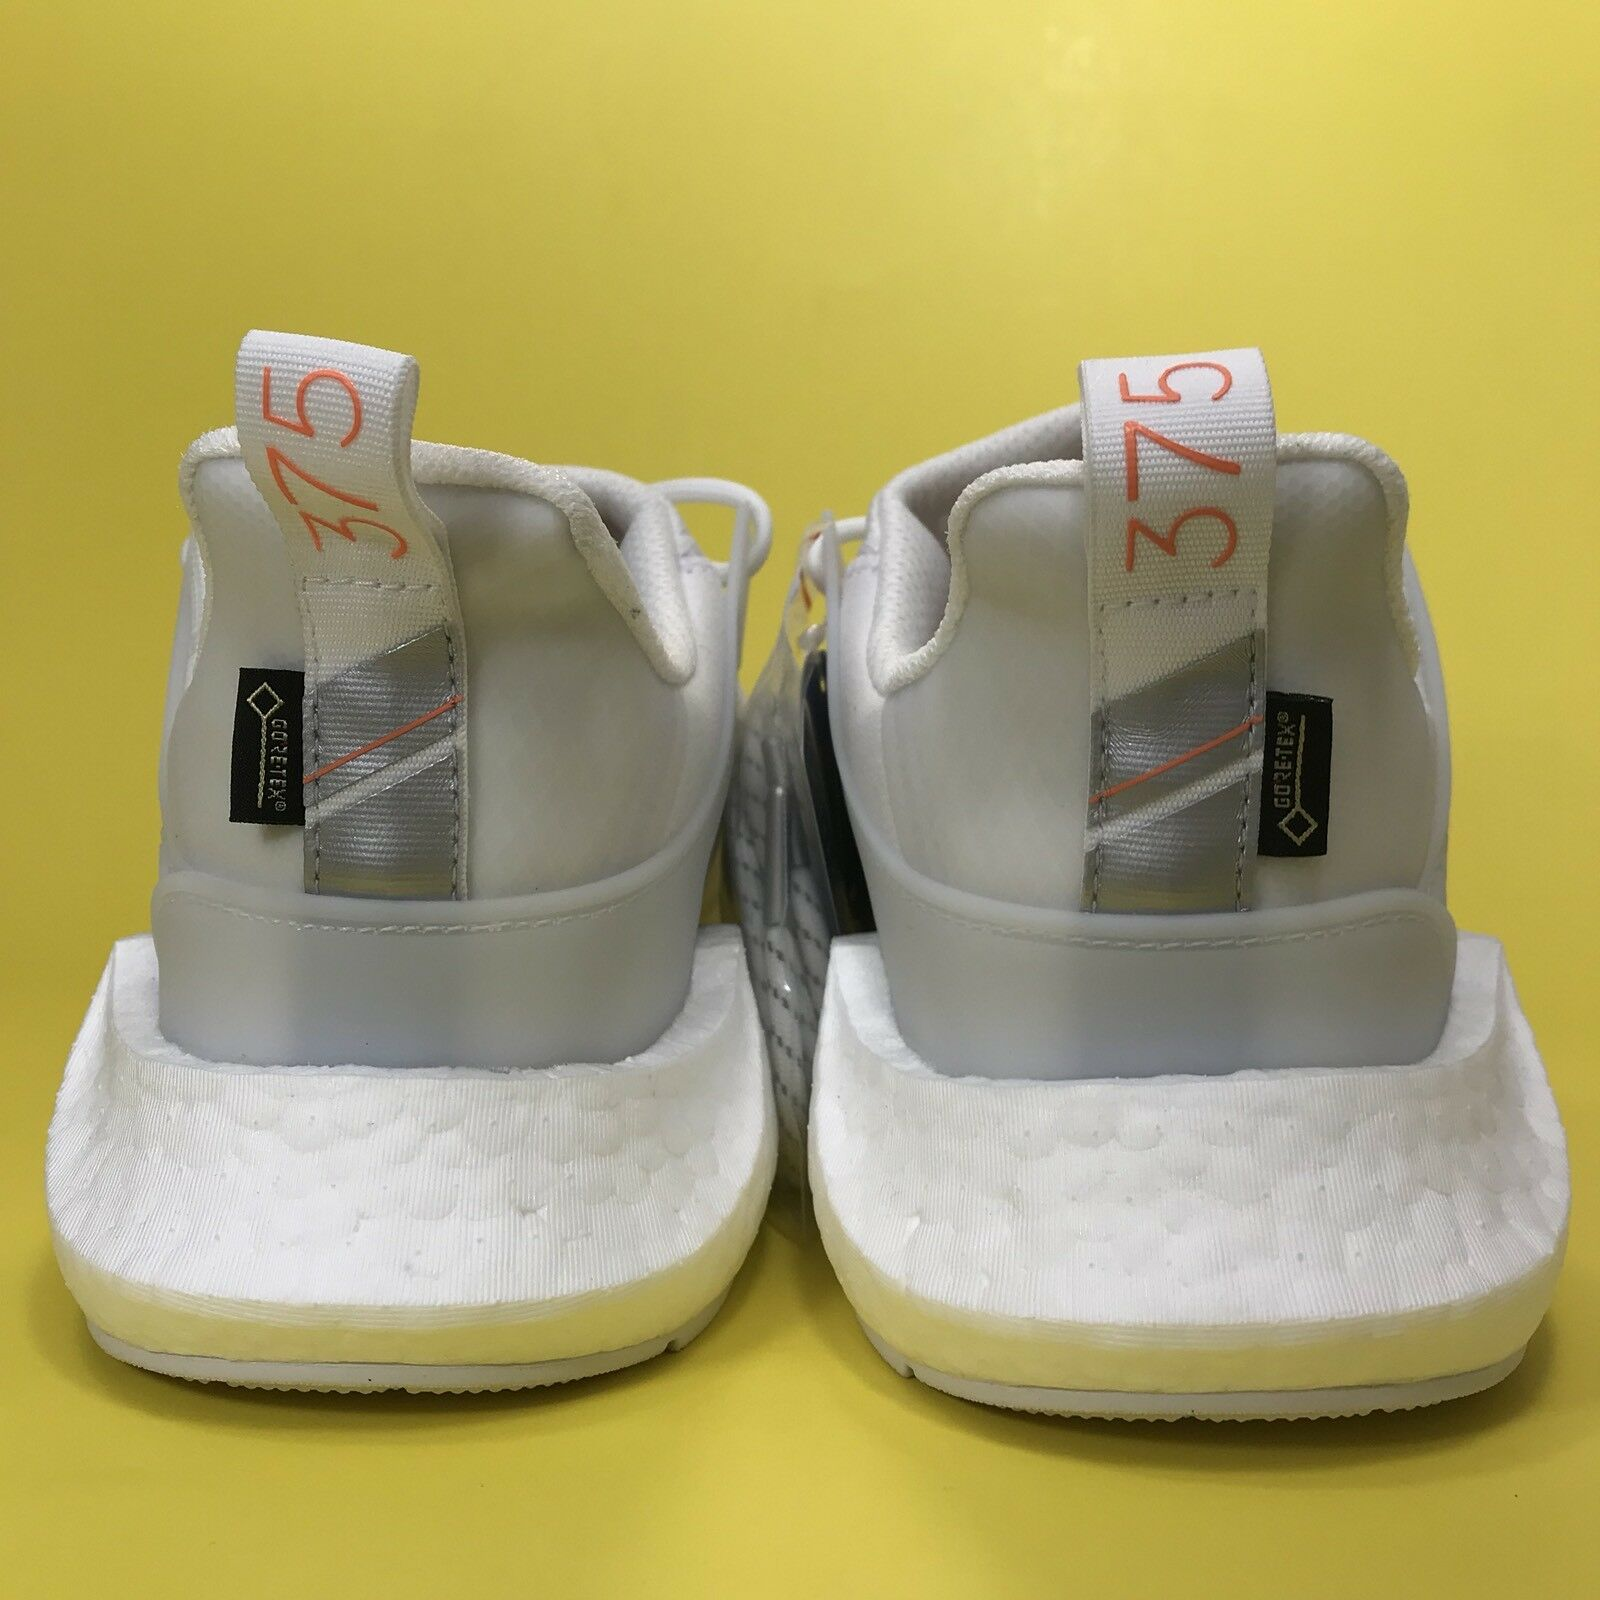 adidas eqt unterstützung 93 / 17 - steigern, gore - tex - 17 schuhe, weiße db1444 mens größe 10. 8918a3